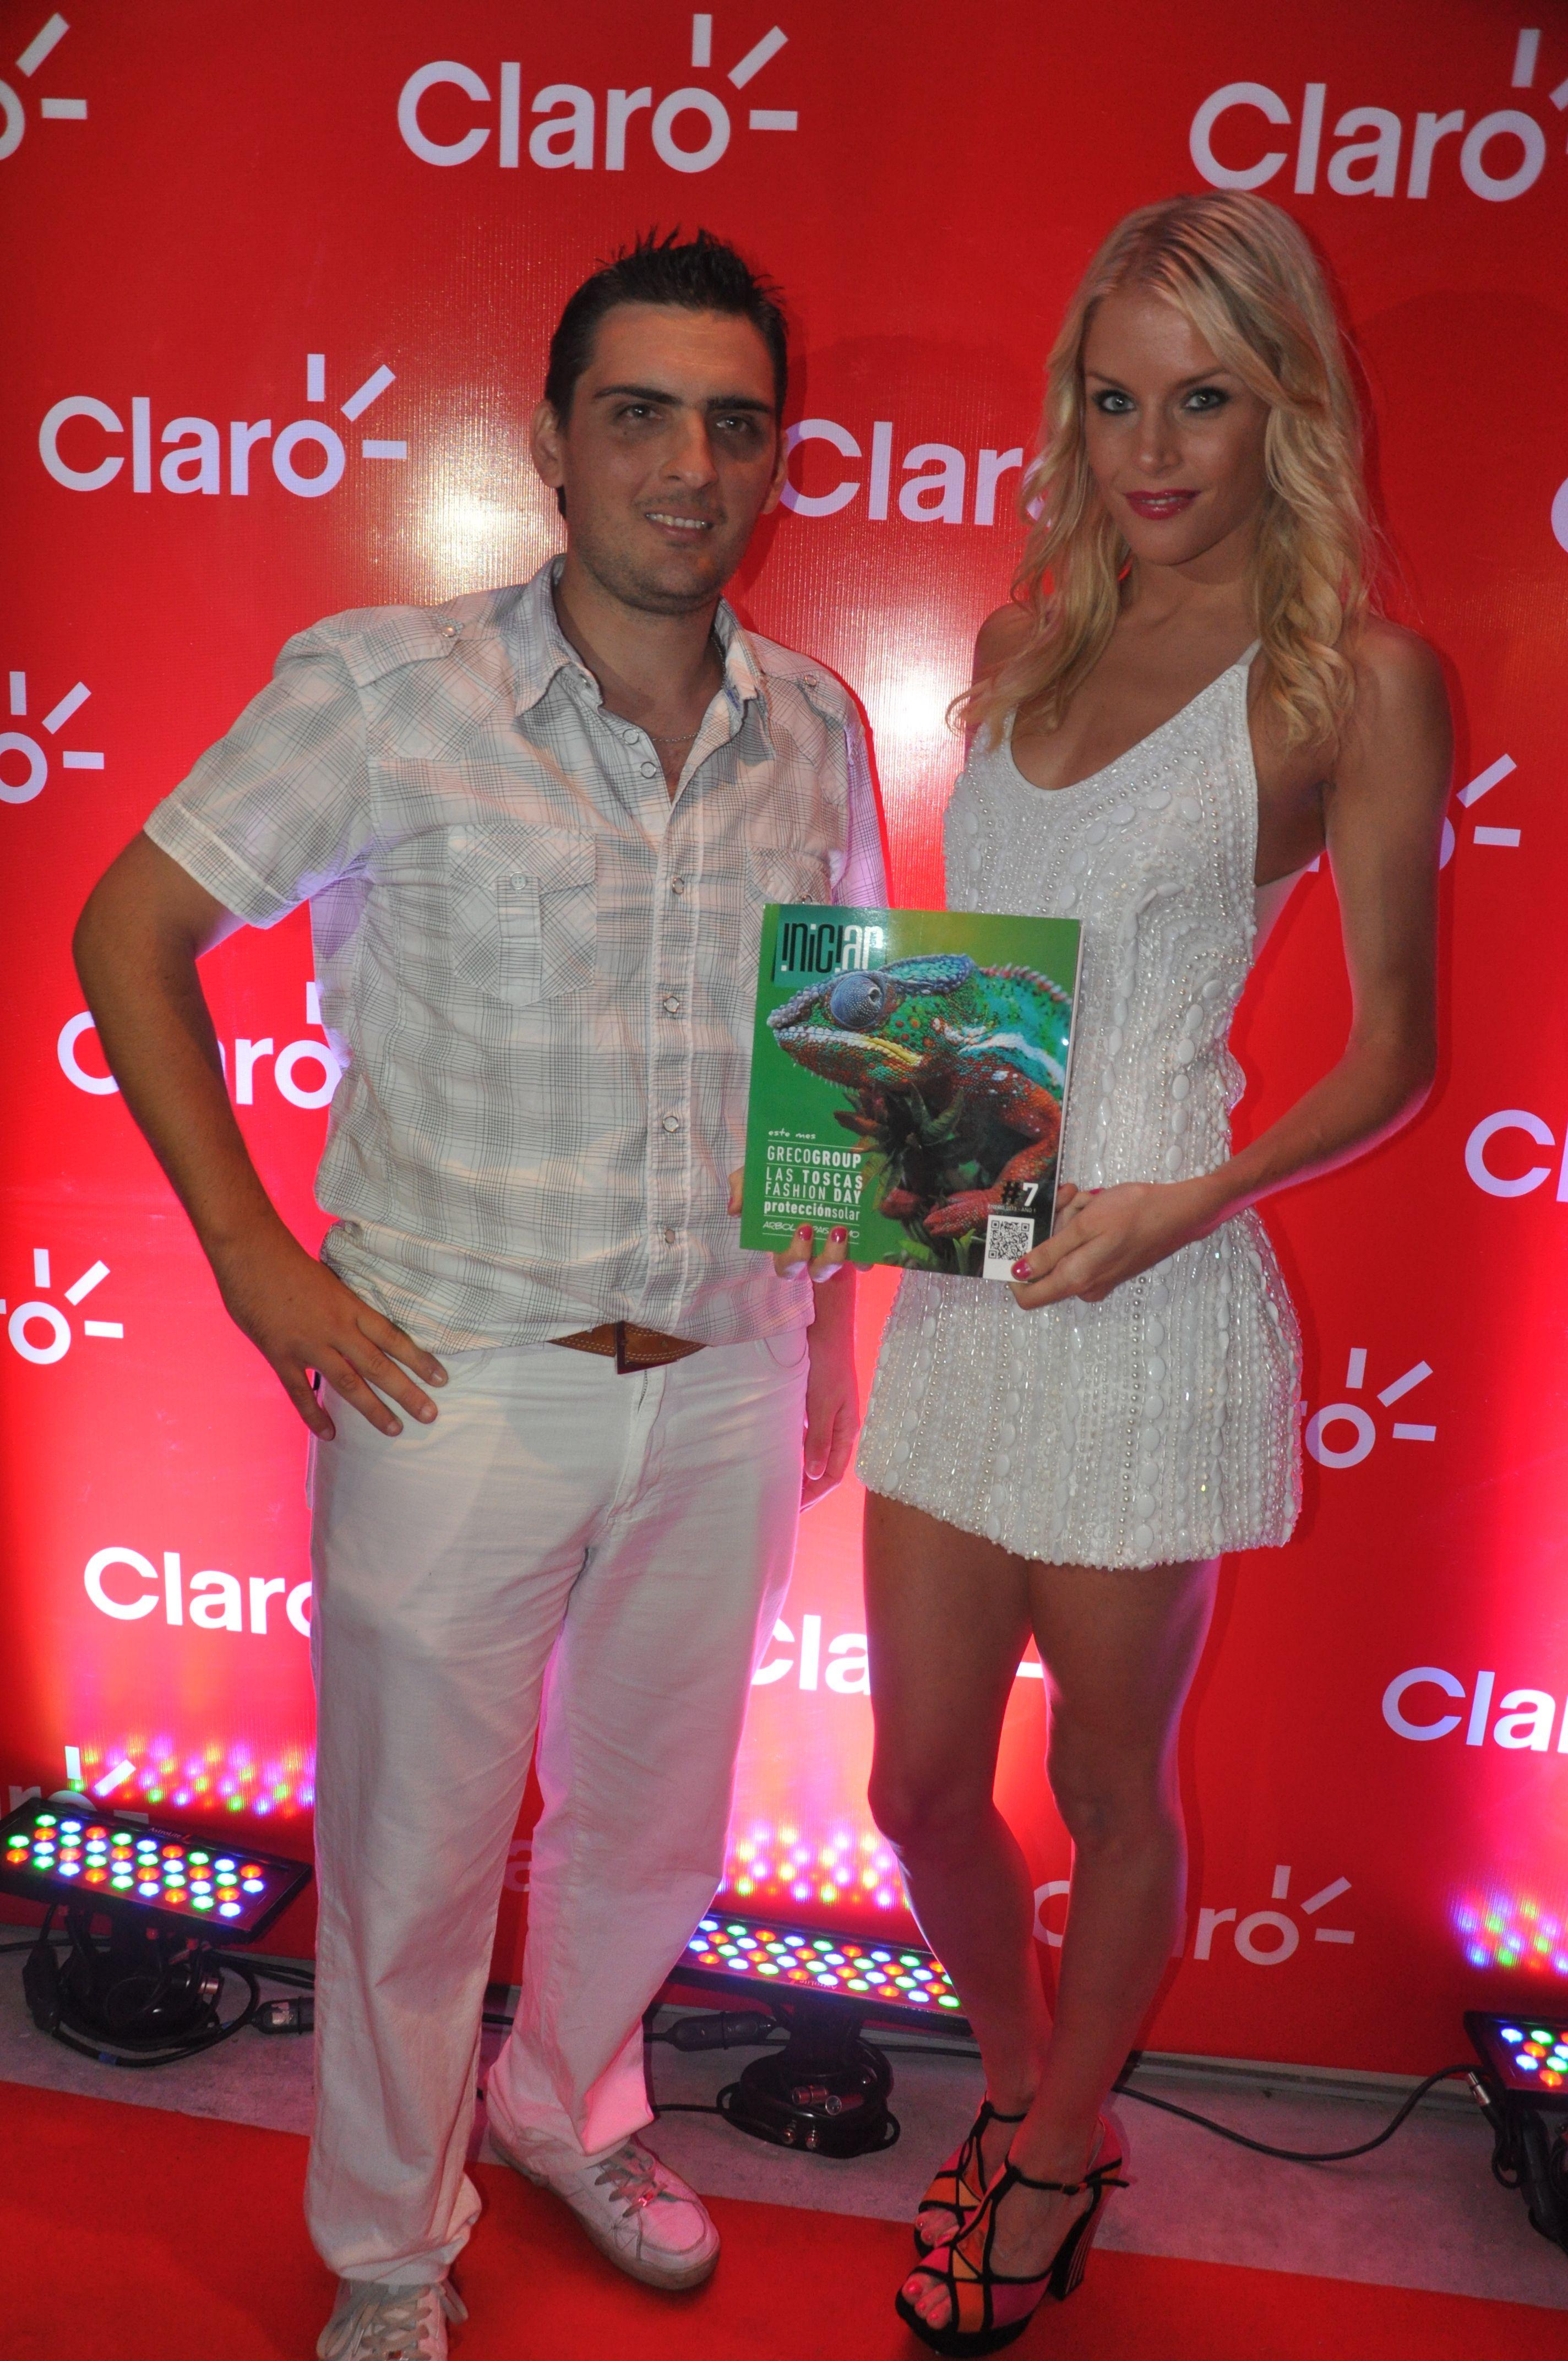 Alexandra Larson (sueca) junto a Revista Iniciar en Claro Night Summer, Enero 2013, Mar del Plata  www.revistainiciar.com.ar/nota.php?edicion=8=74